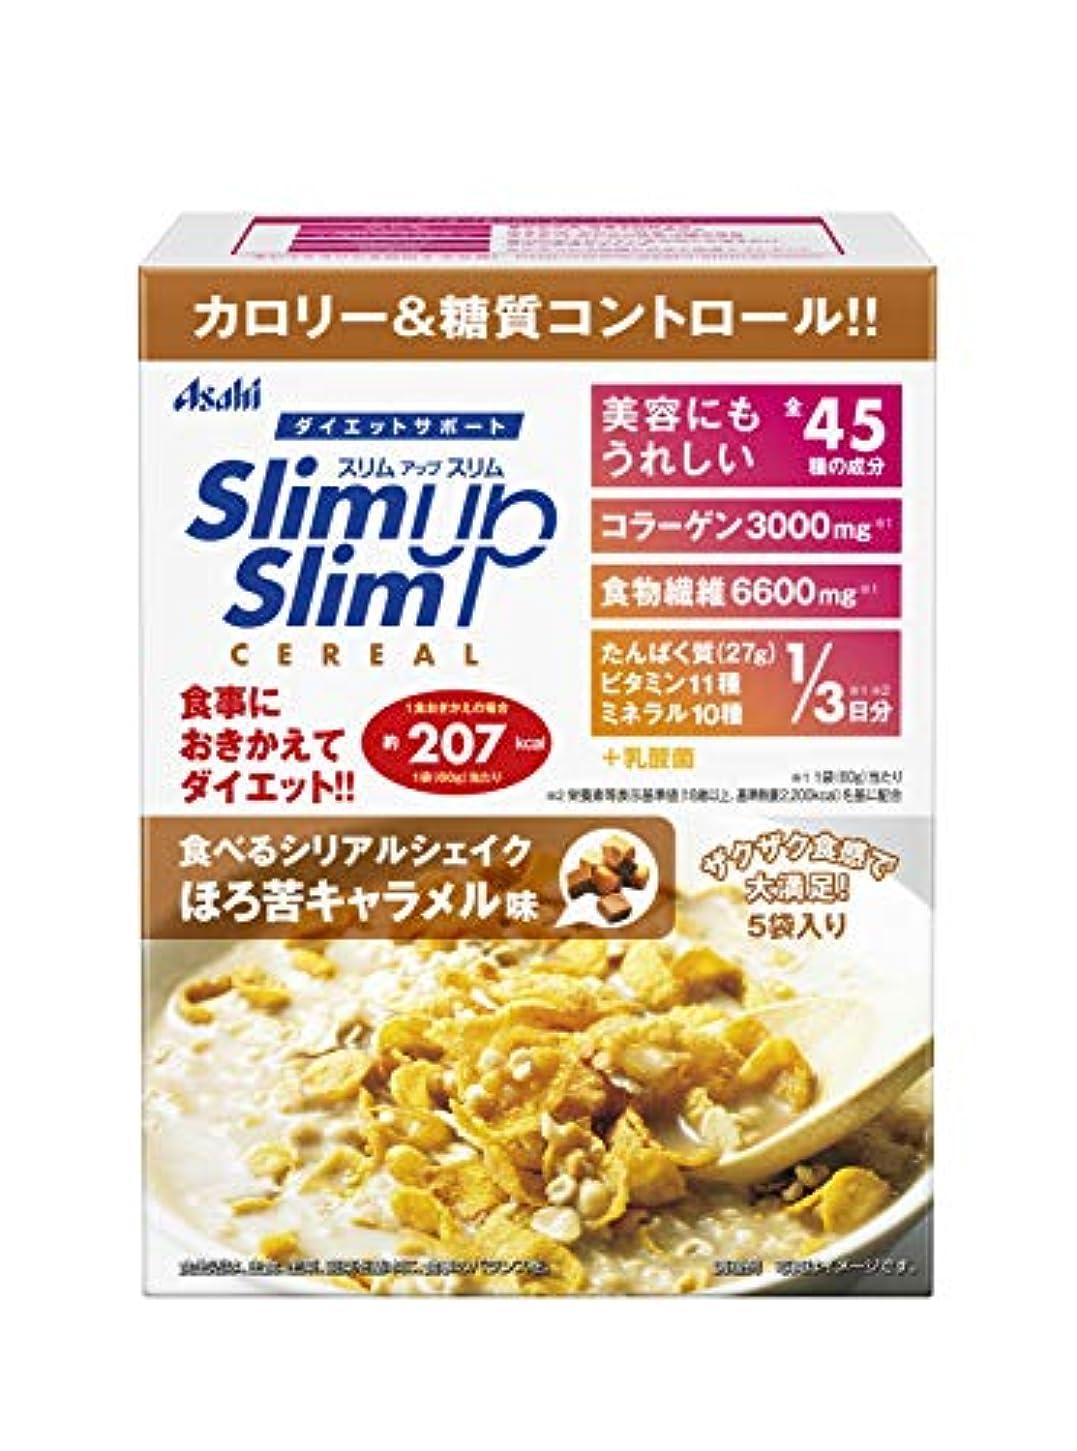 勃起アトム長いですスリムアップスリム 食べるシリアルシェイク ほろ苦キャラメル味 300g (60g×5袋)